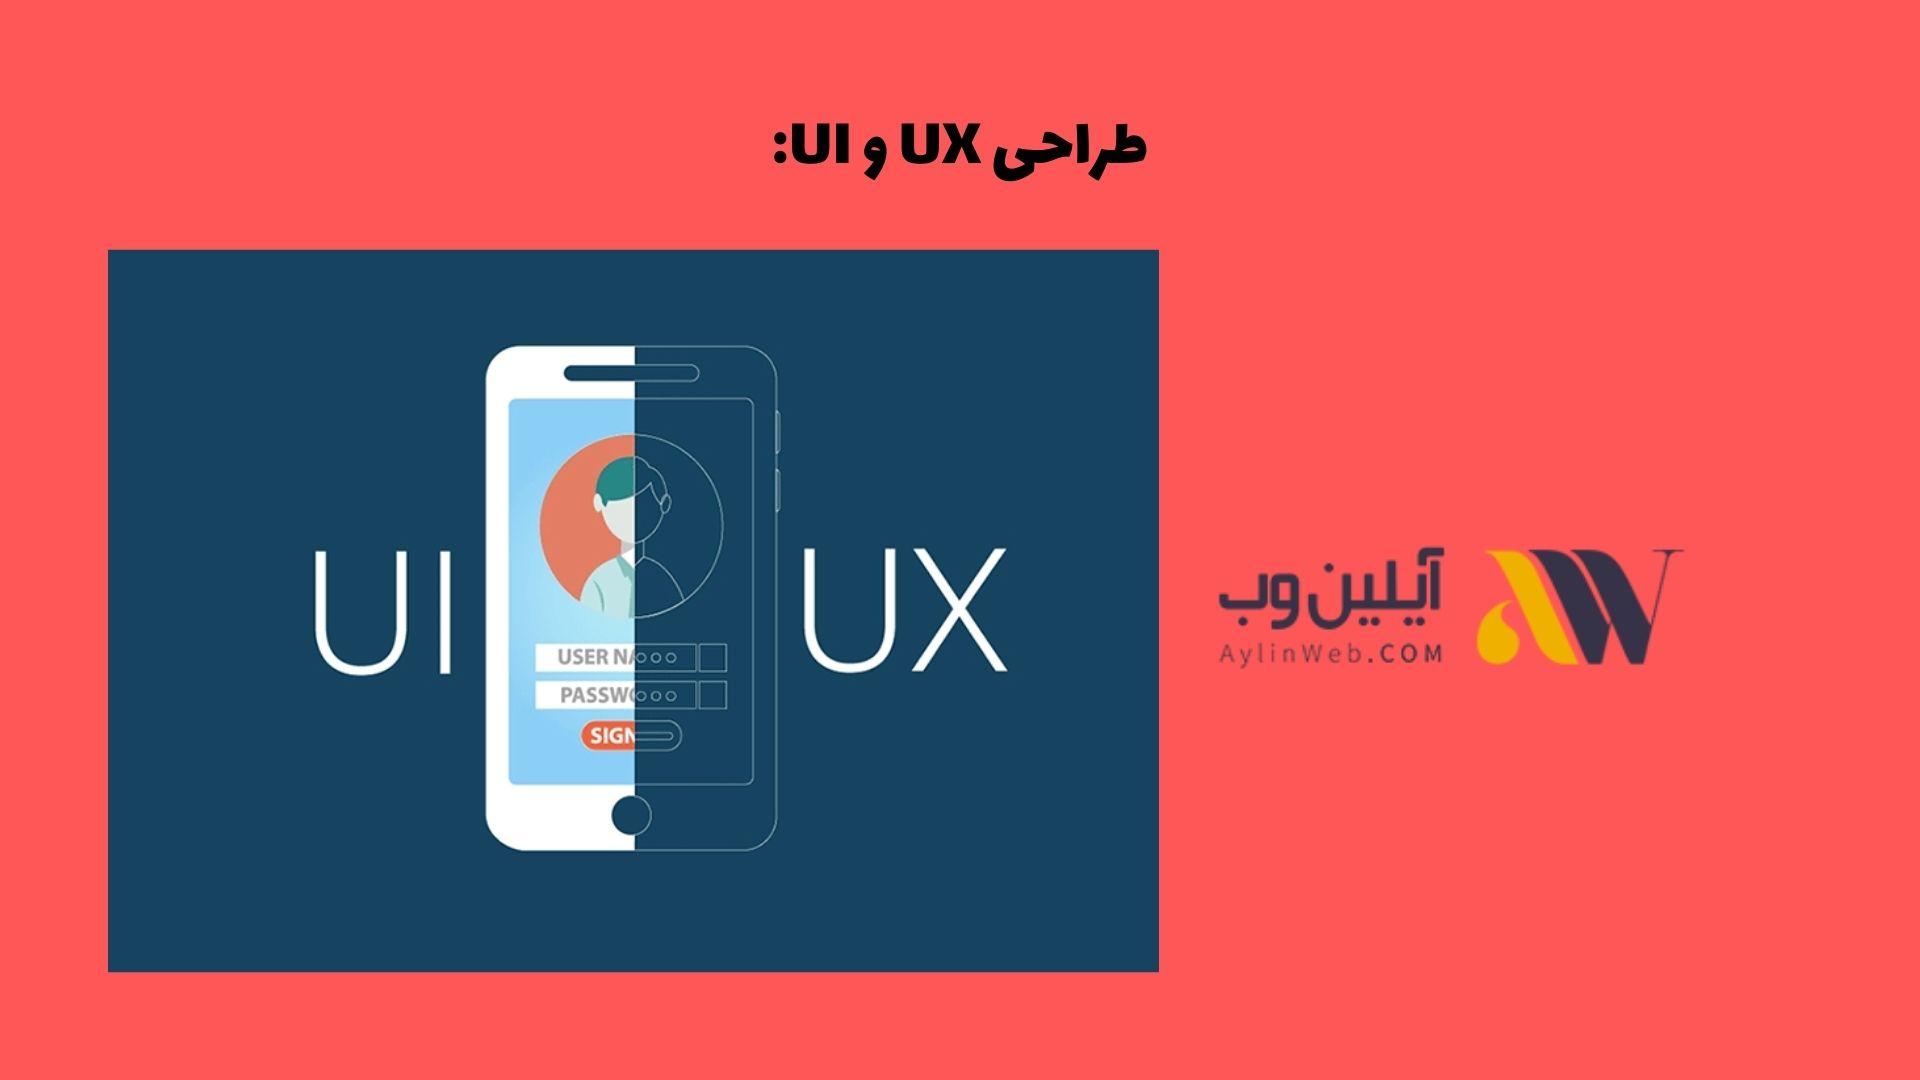 طراحی UX و UI: